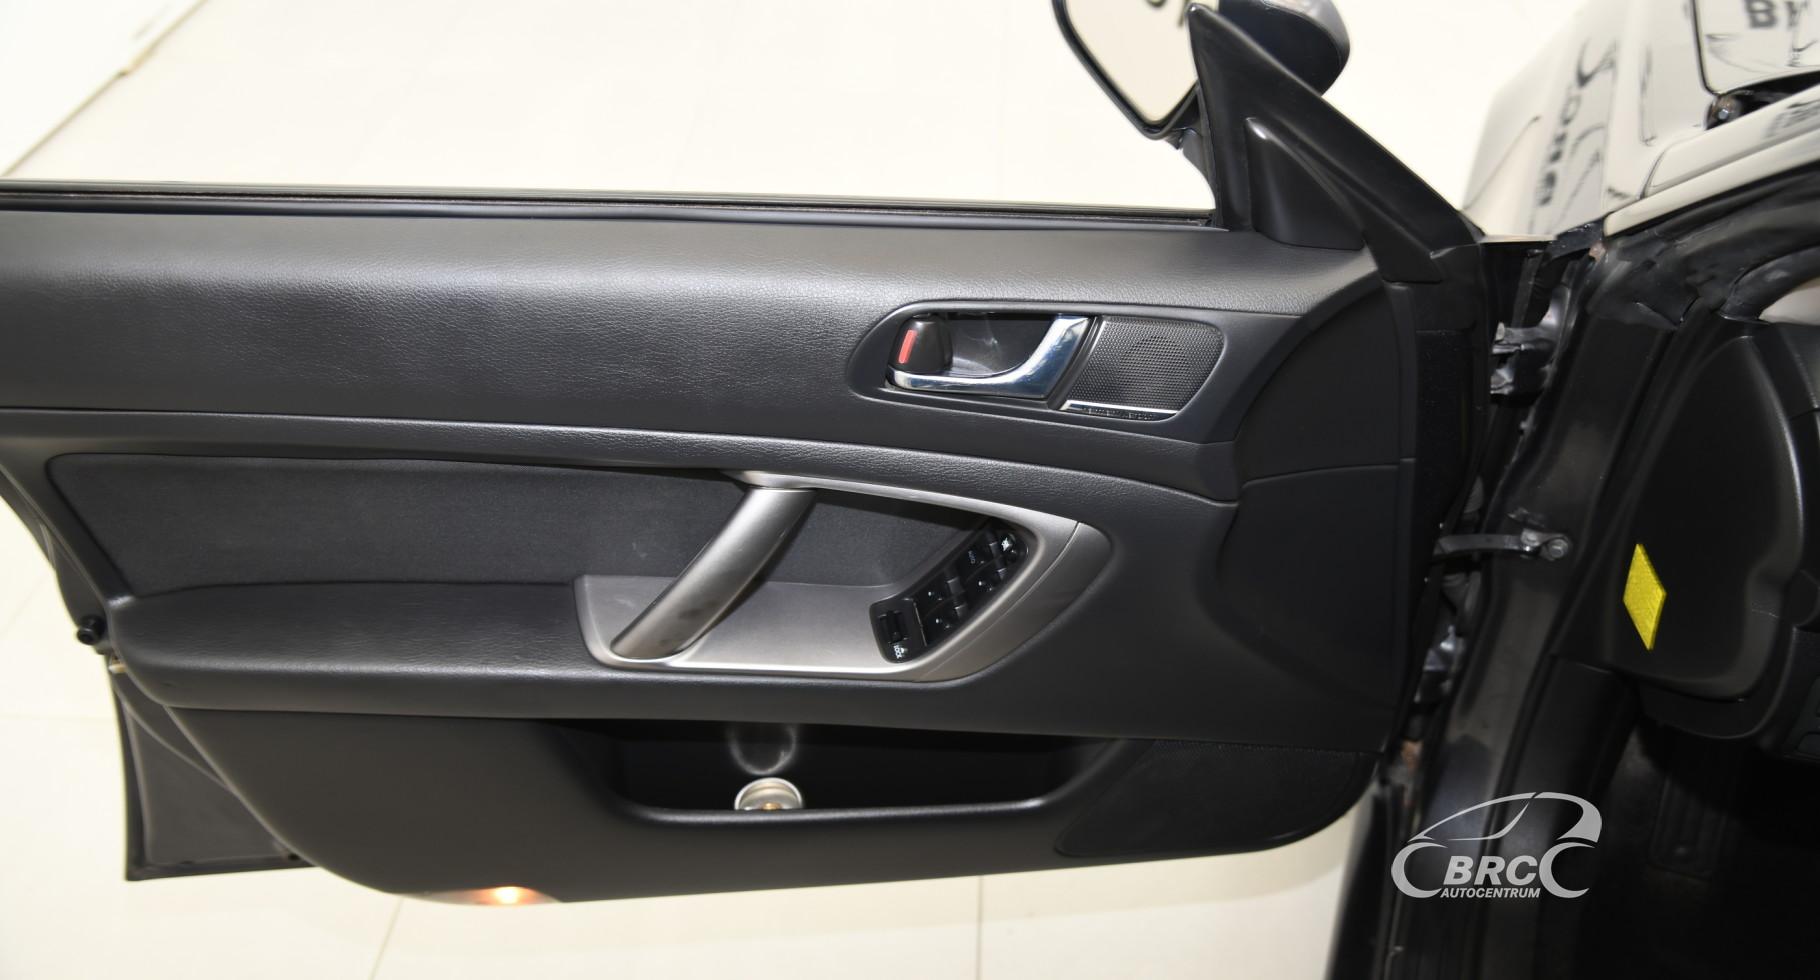 Subaru Legacy 2.5 AWD Automatas